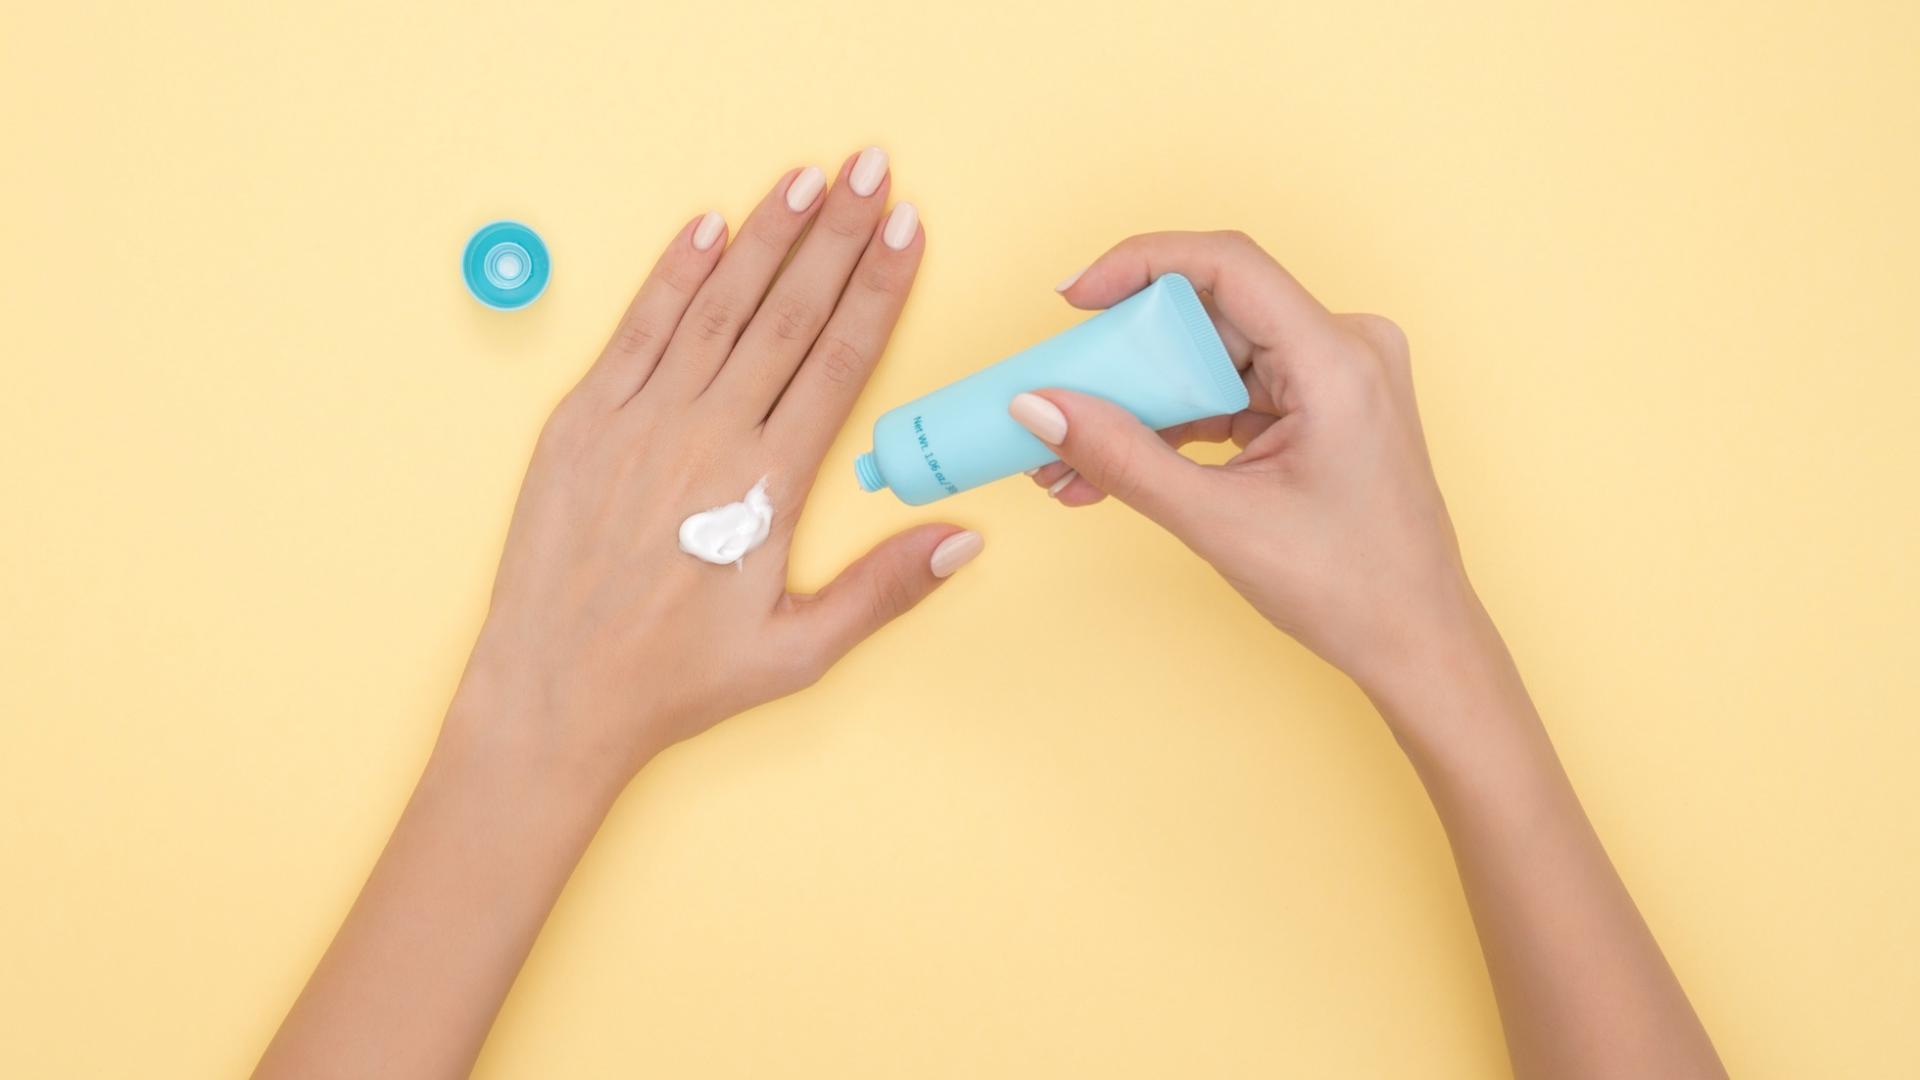 Hände vor einem pastellgelben Hintergrund mit einer Cremetube